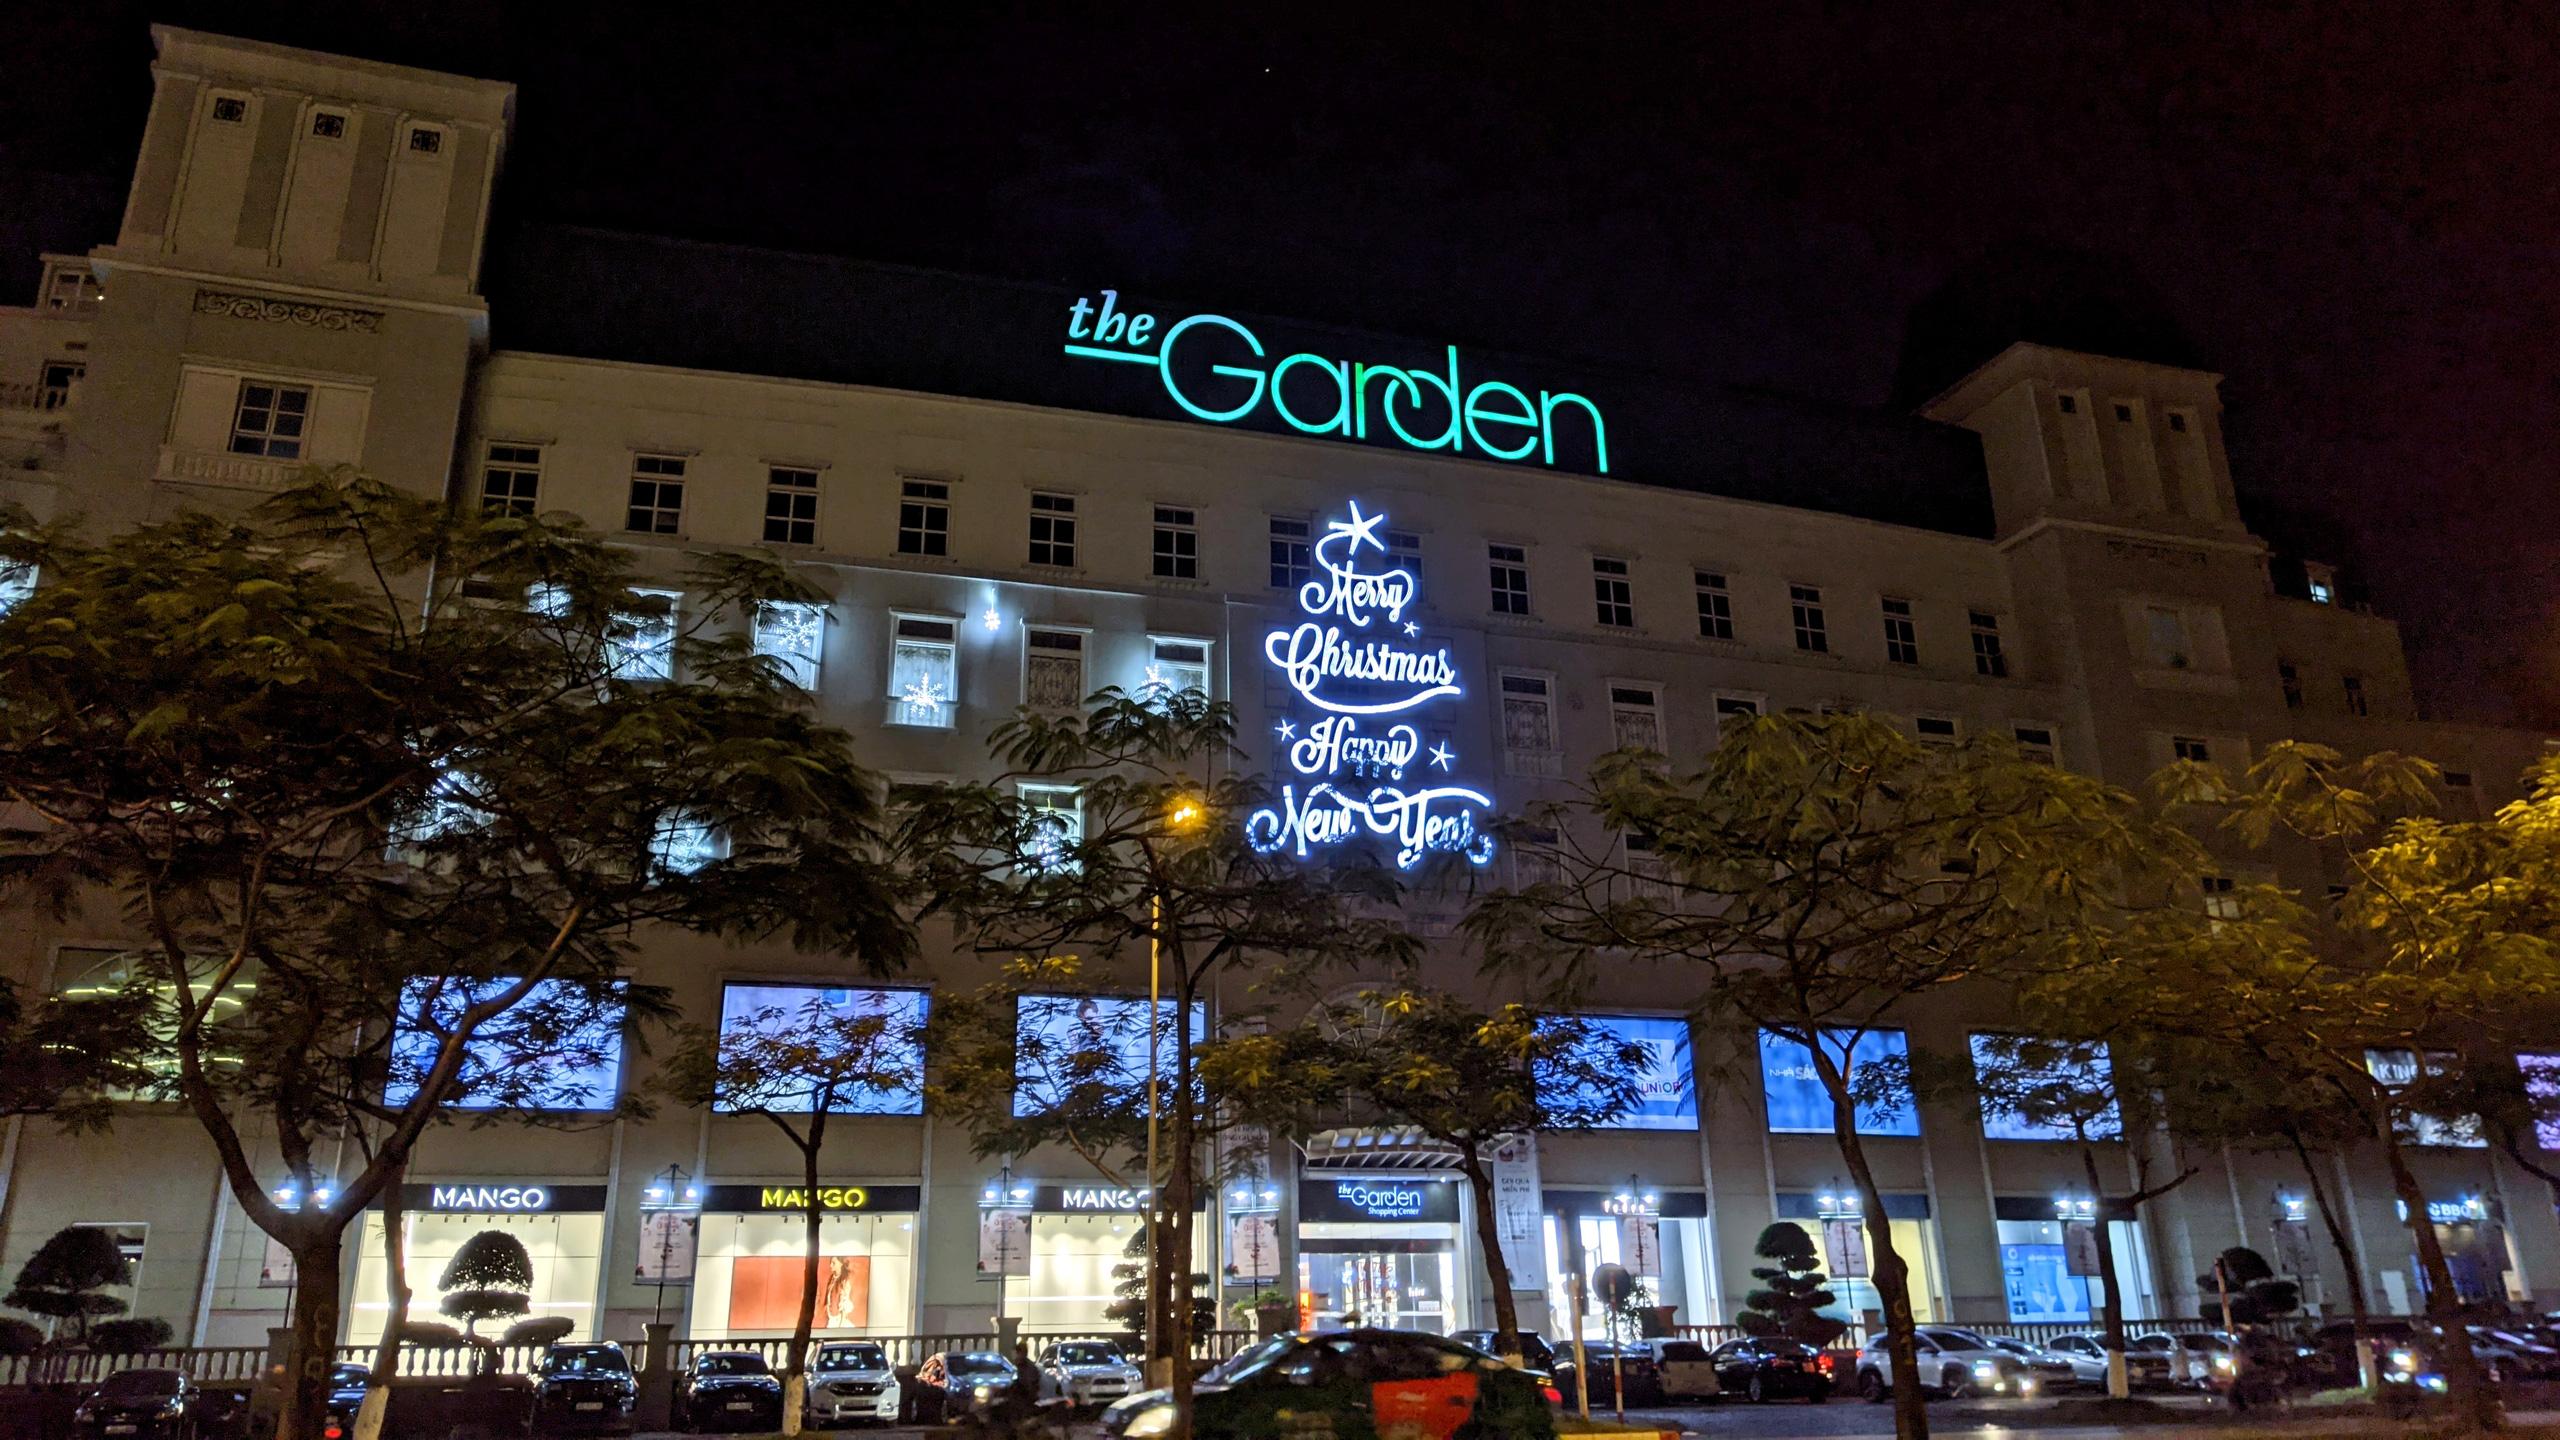 Khách sạn, trung tâm thương mại đồng loạt 'thay áo' mùa Giáng sinh 2020 - Ảnh 13.